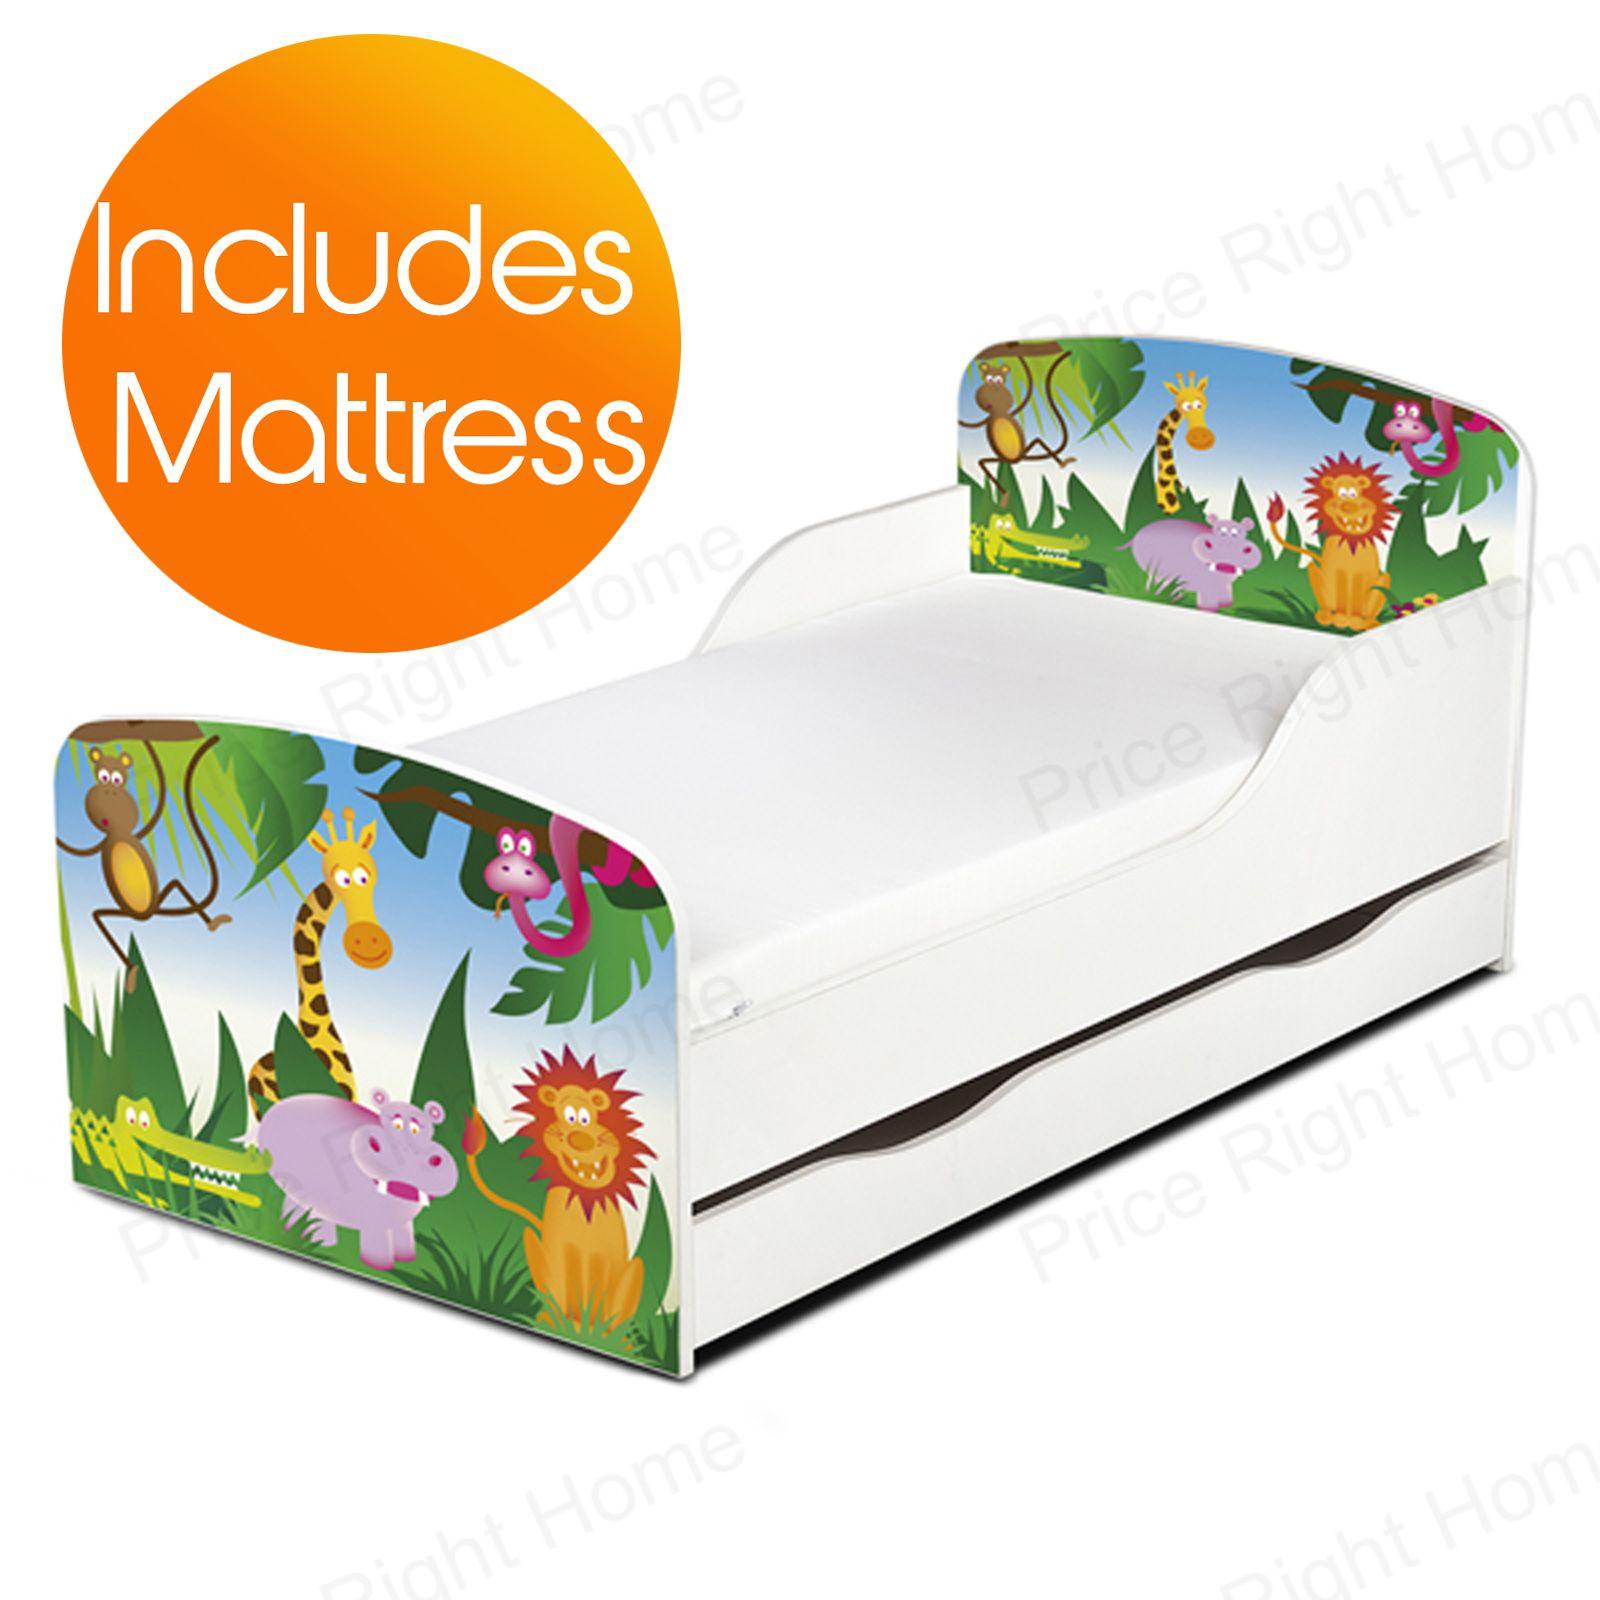 dschungeltiere mdf kleinkind bett matrazte mit unterbett aufbewahrung kinder ebay. Black Bedroom Furniture Sets. Home Design Ideas